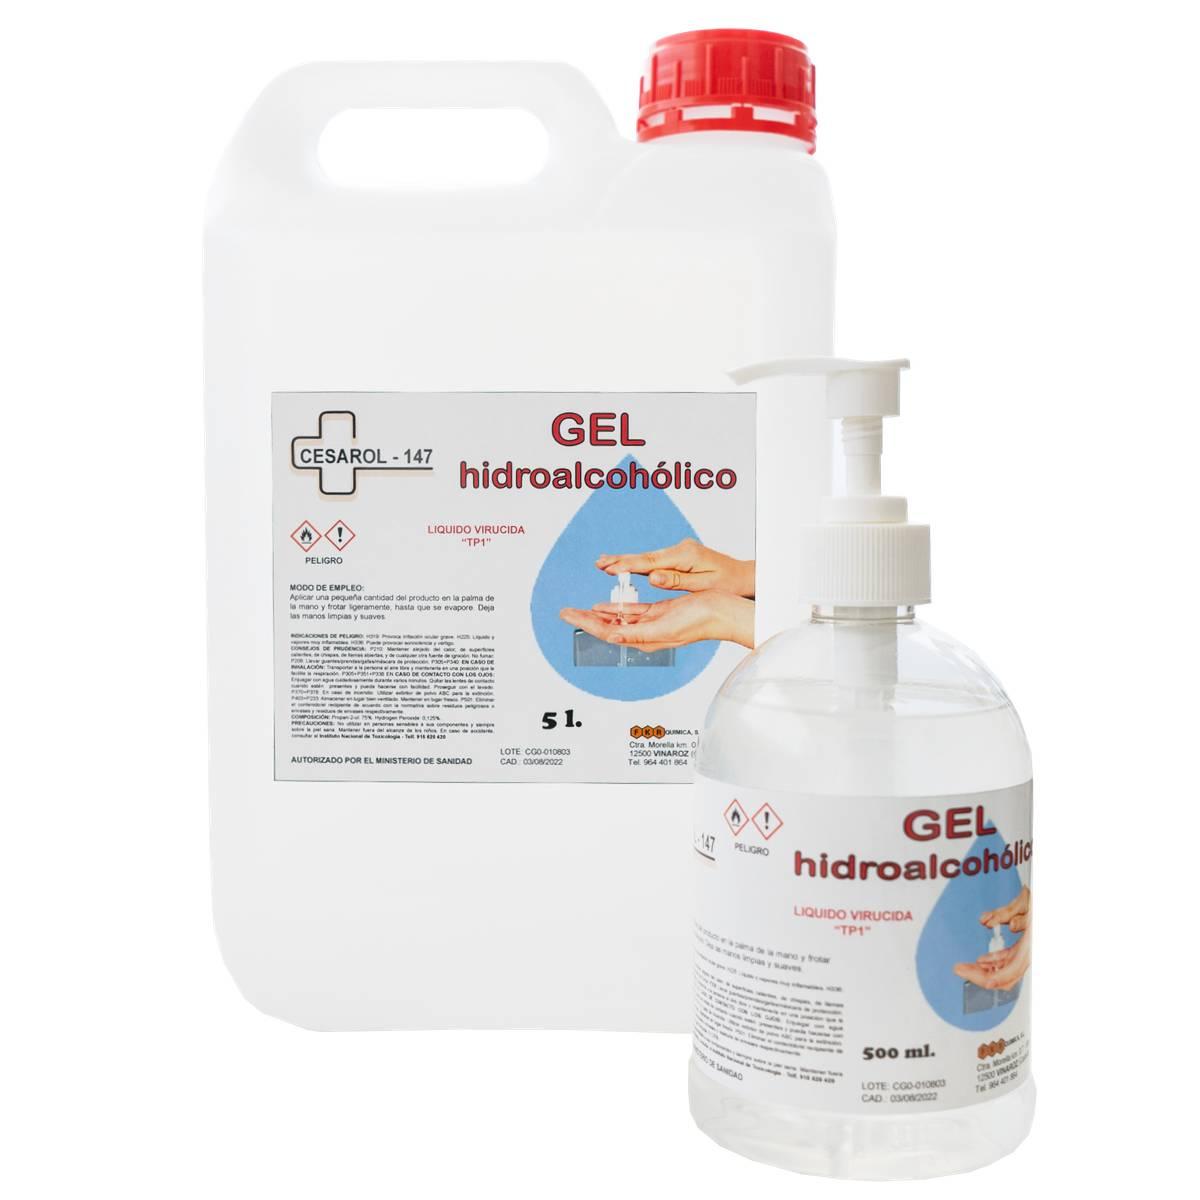 gel hidroalcoholico 5L + 500ml